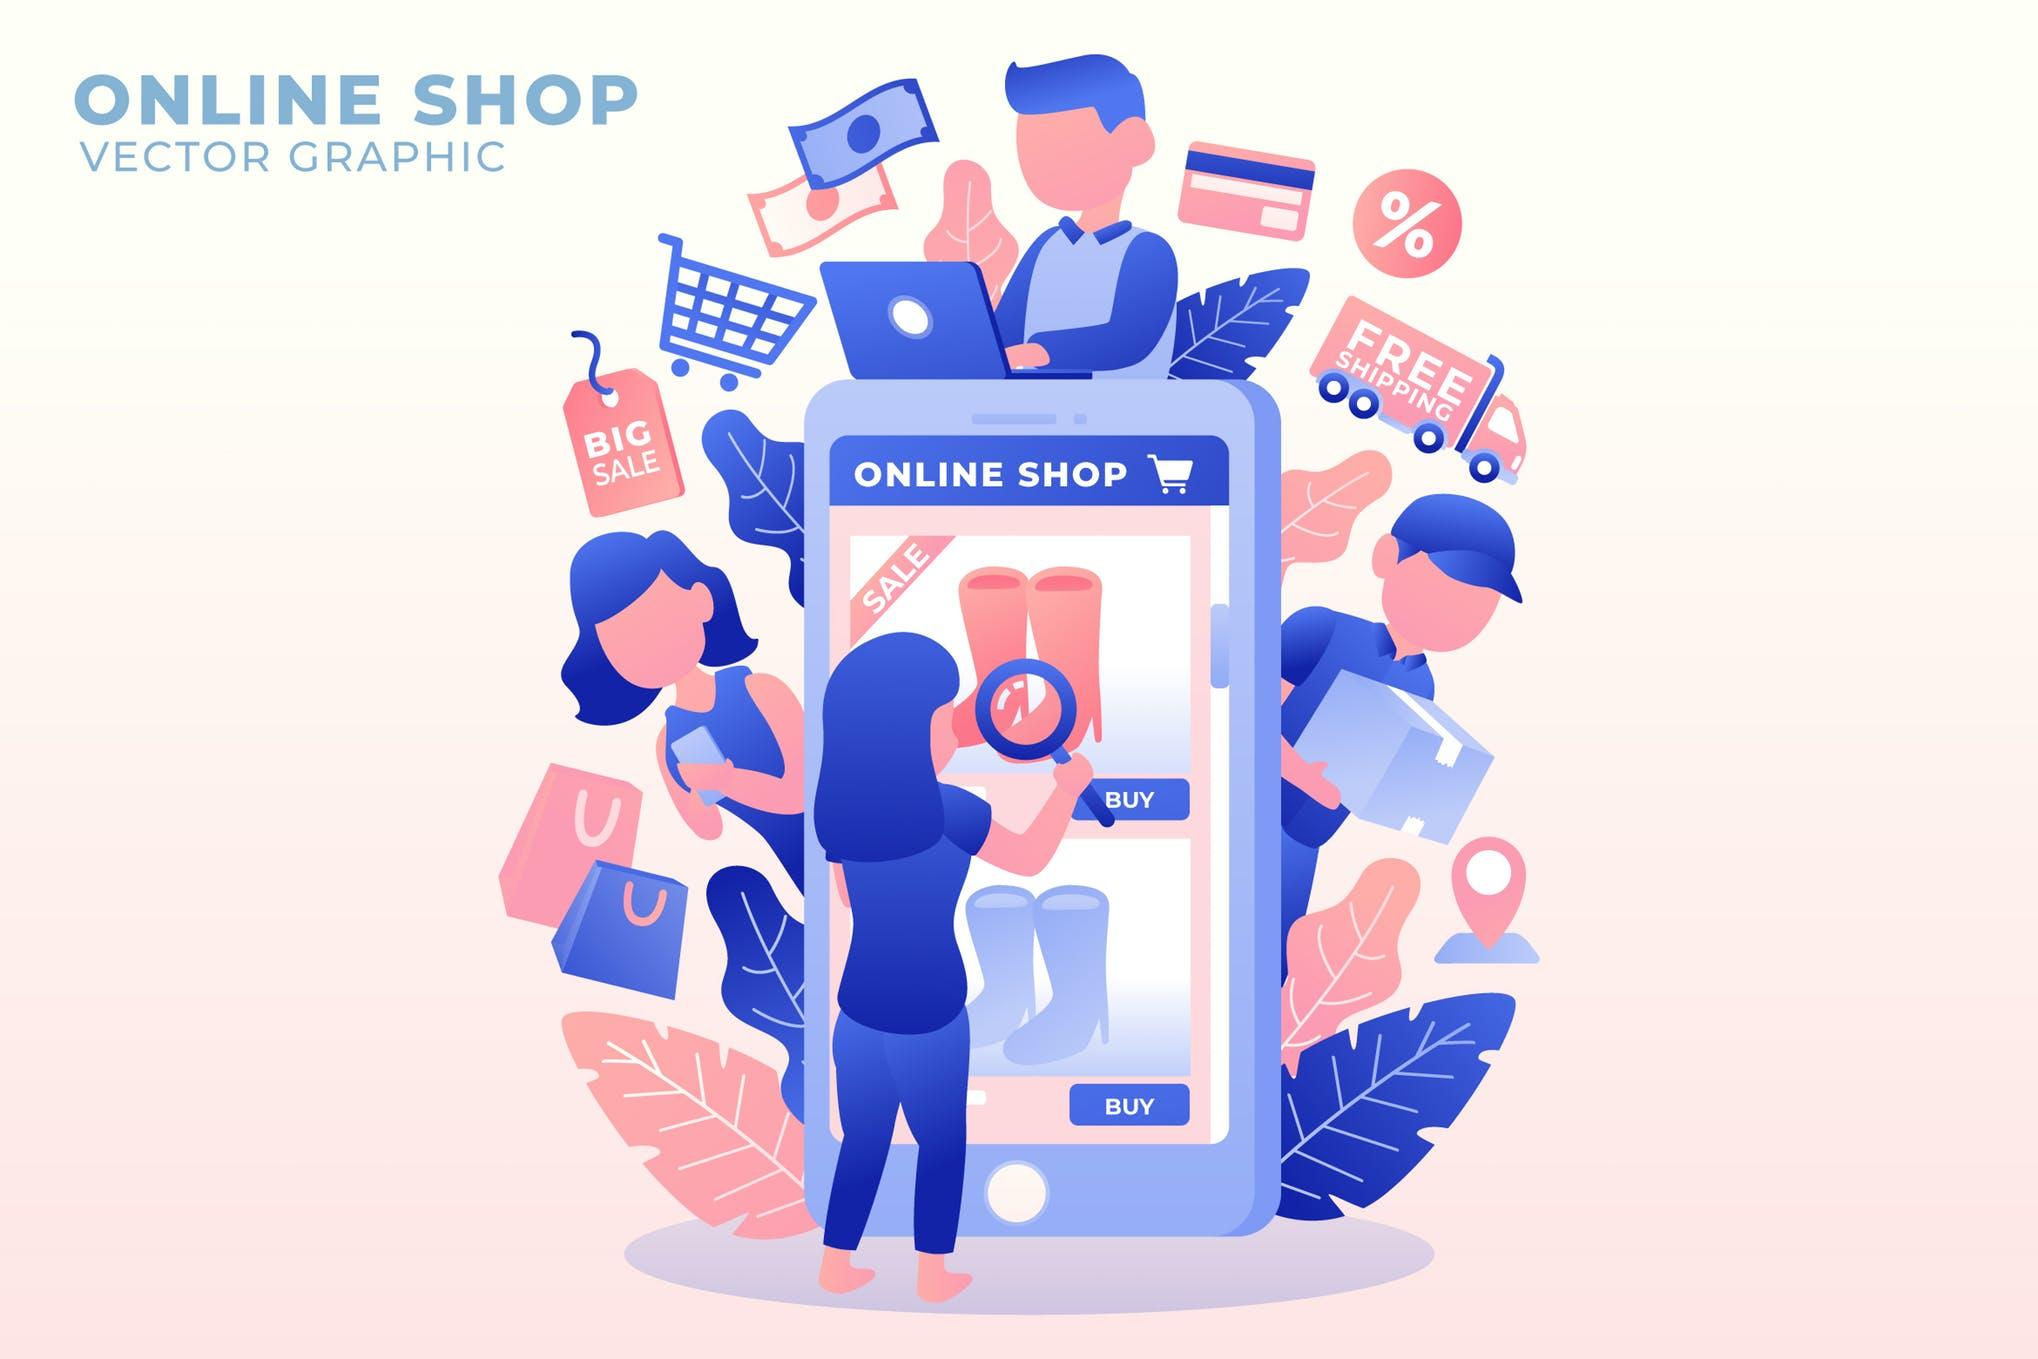 网上商店 电商购物创意插画下载Online Shop - Vector Illustration